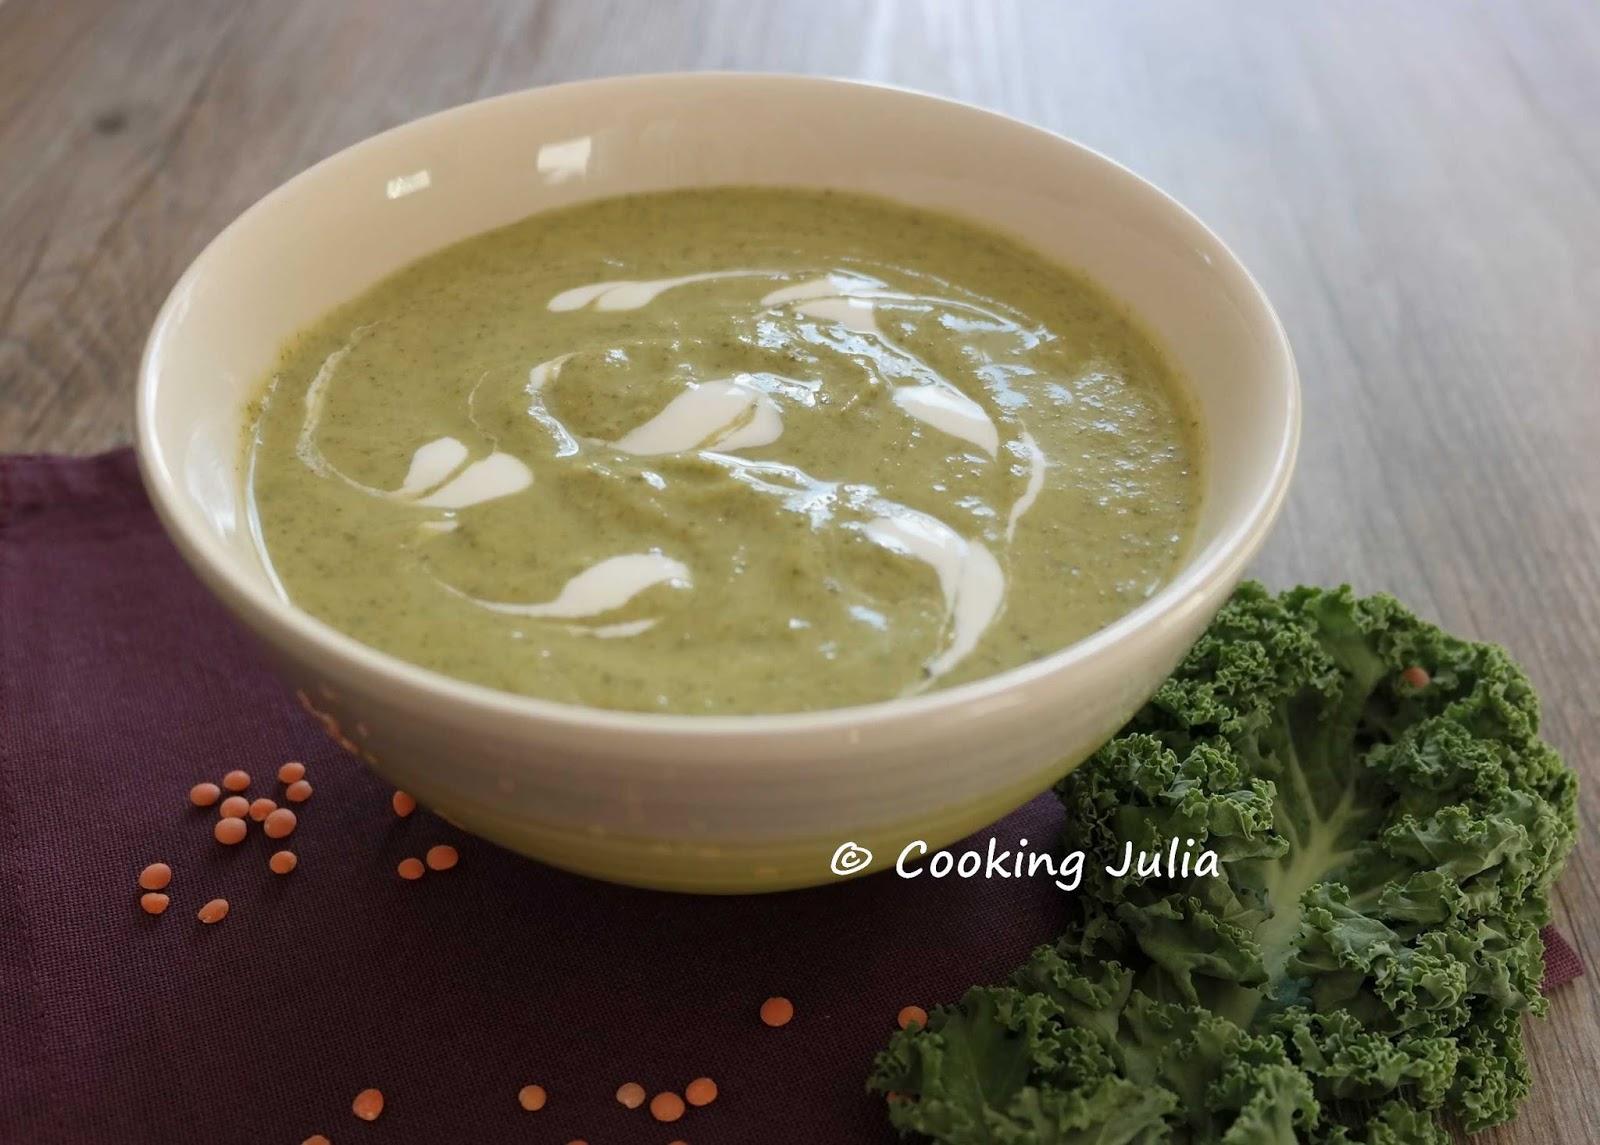 cooking julia velout de chou kale aux lentilles corail. Black Bedroom Furniture Sets. Home Design Ideas